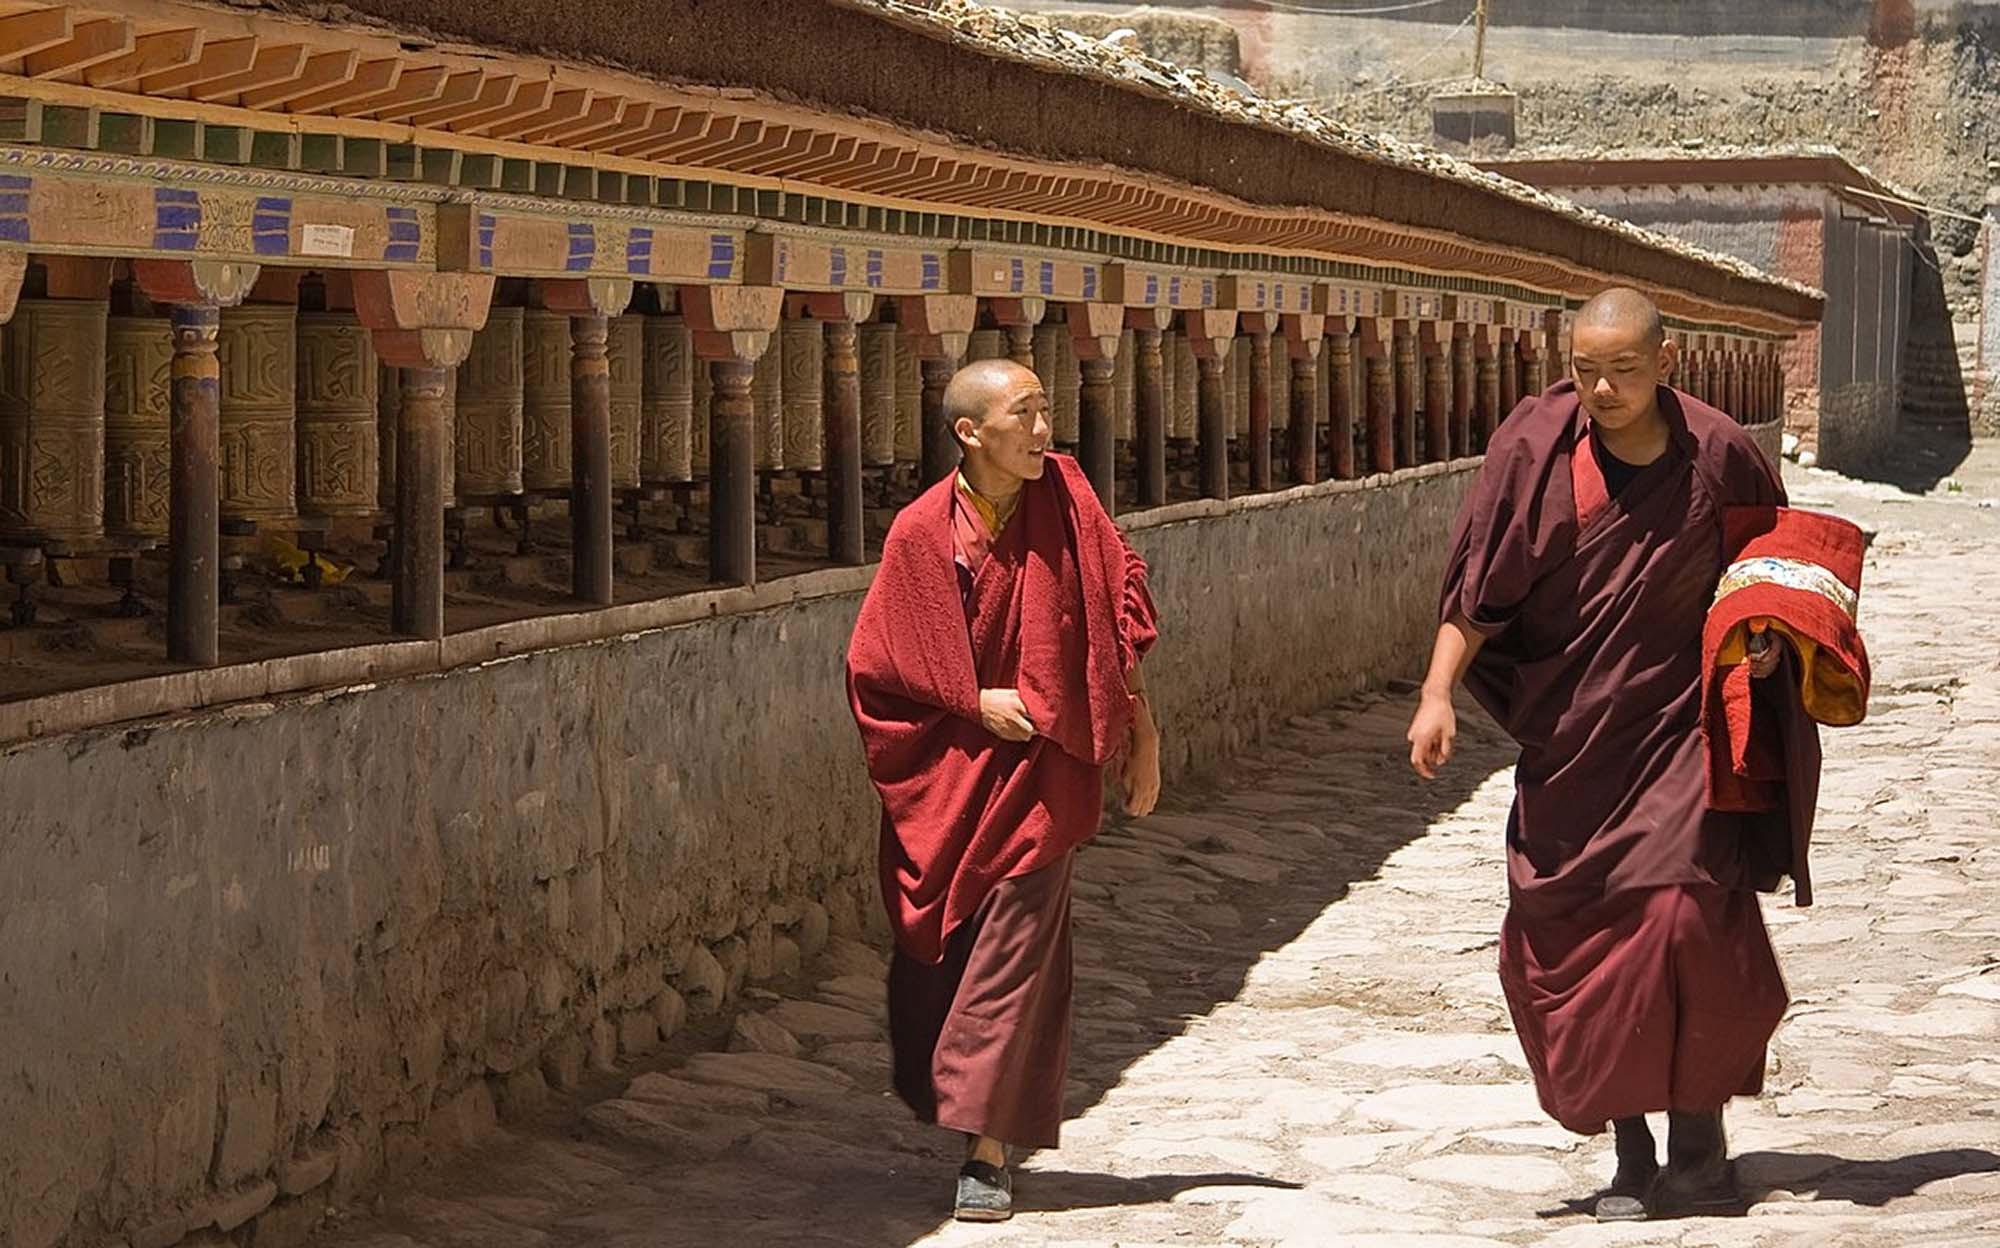 Monks in the Sakya monastery, Tibet